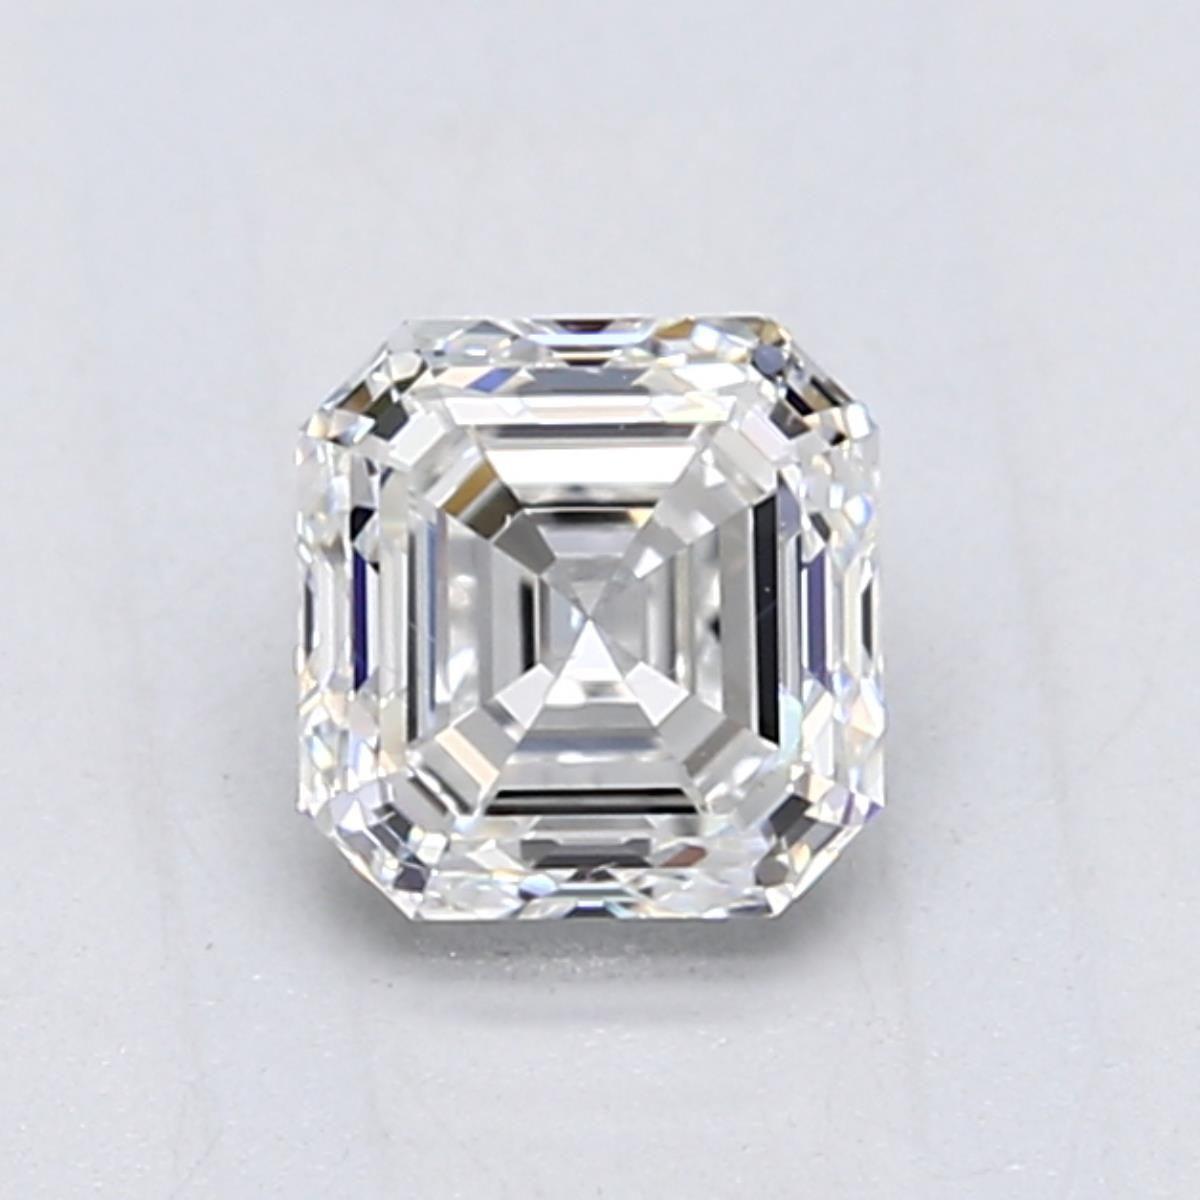 1.01-Carat Asscher Cut Diamond | Blue Nile | Stock Number LD09029918